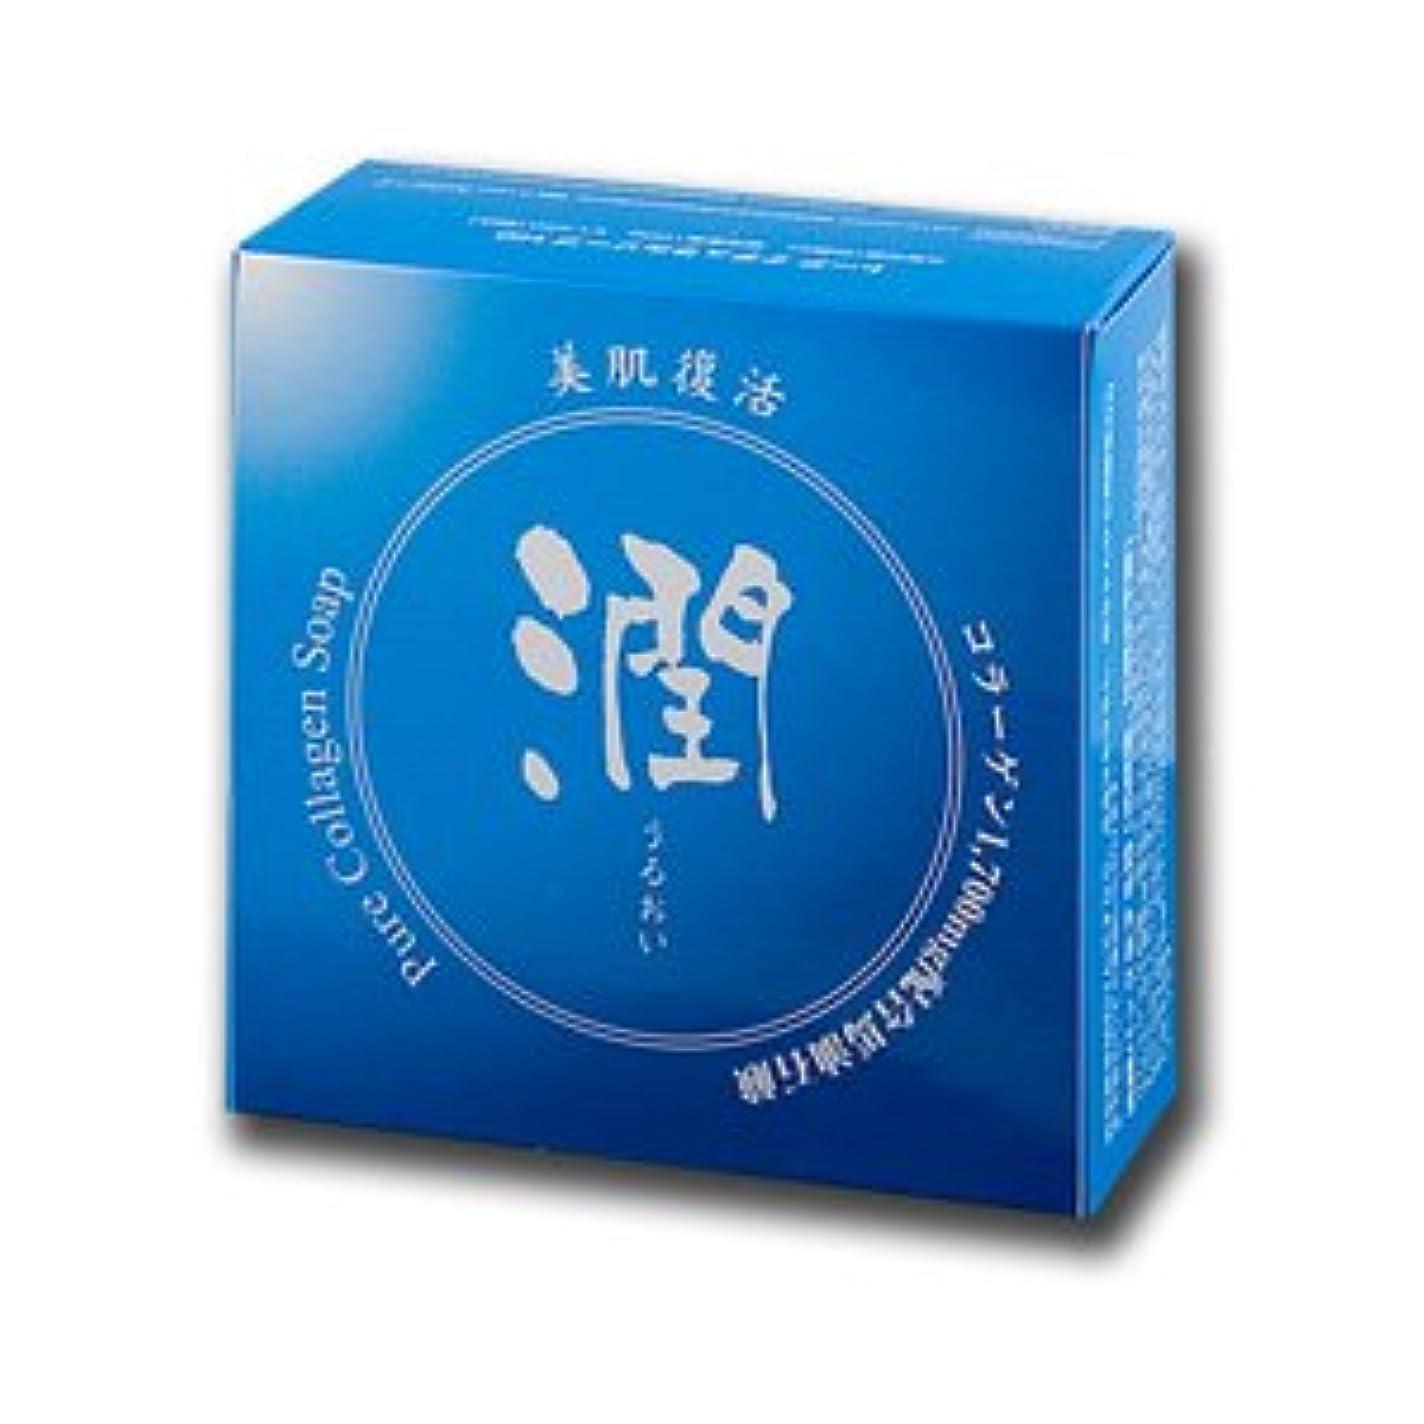 ごめんなさいひばり集めるコラーゲン馬油石鹸 潤 100g (#800410) ×3個セット